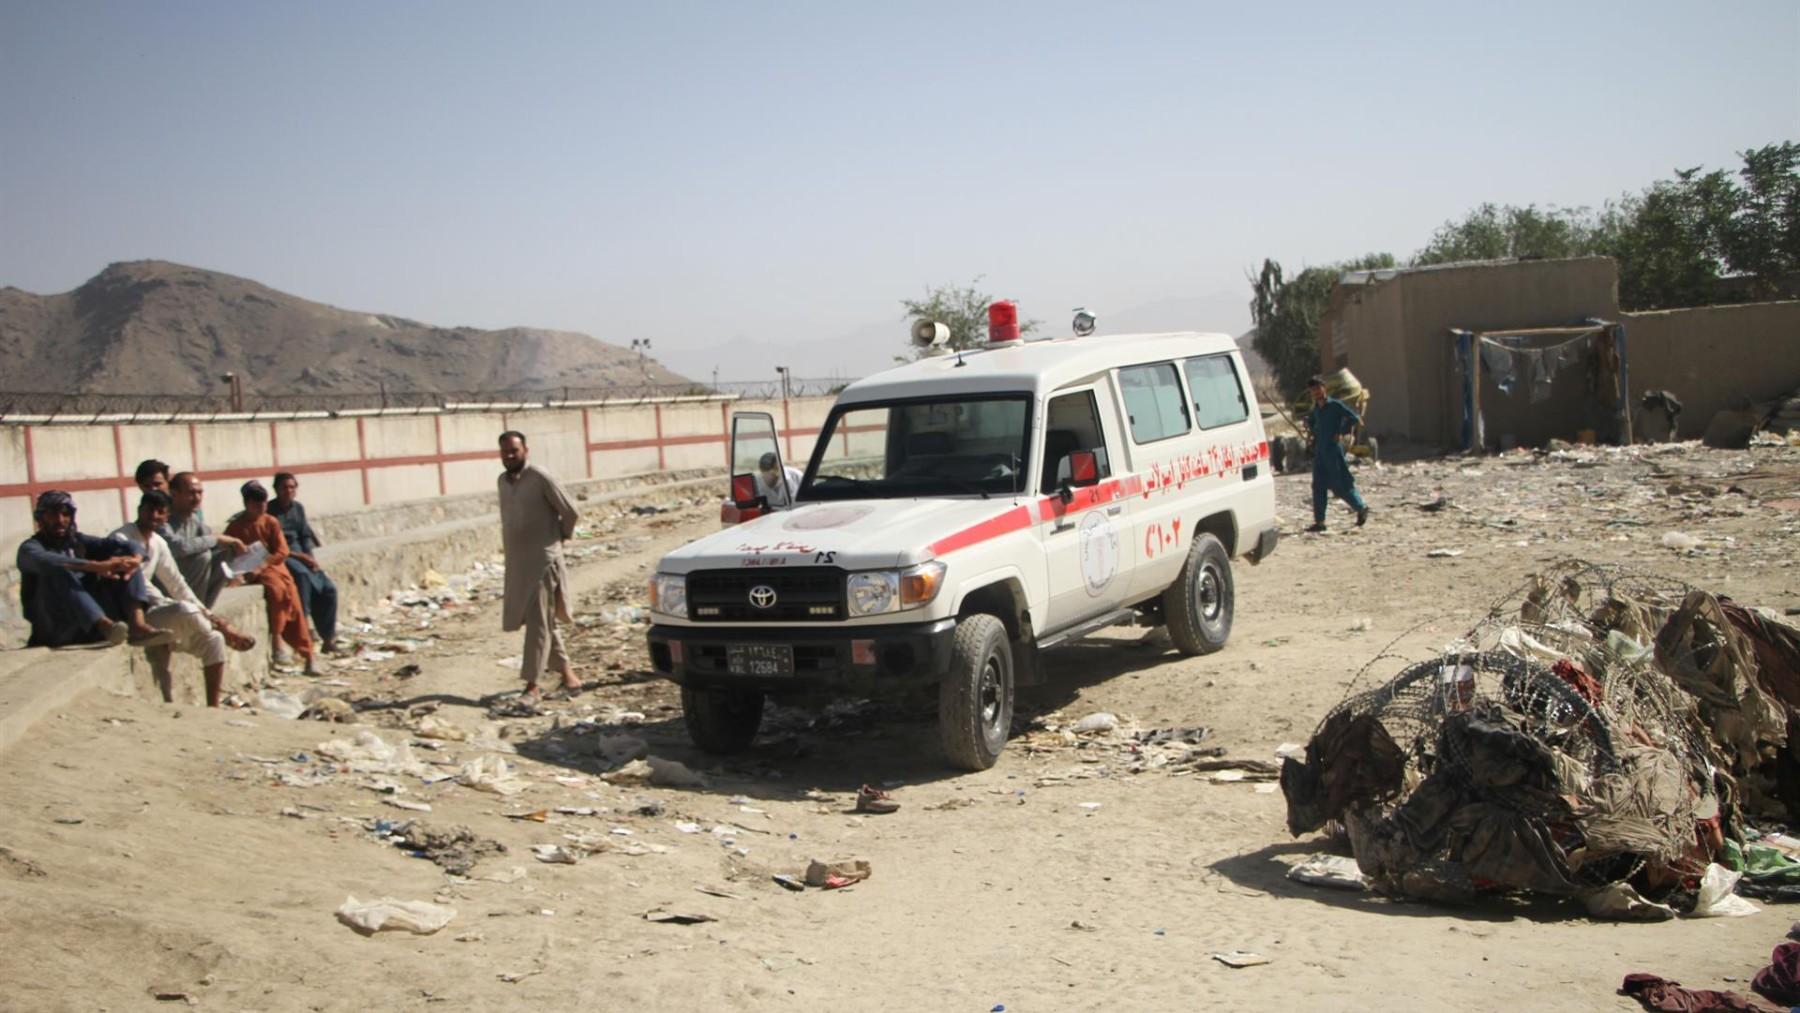 Inmediaciones del aeropuerto de Kabul tras el atentado.  SAIFURAHMAN SAFI / XINHUA NEWS / CONTACTOPHOTO